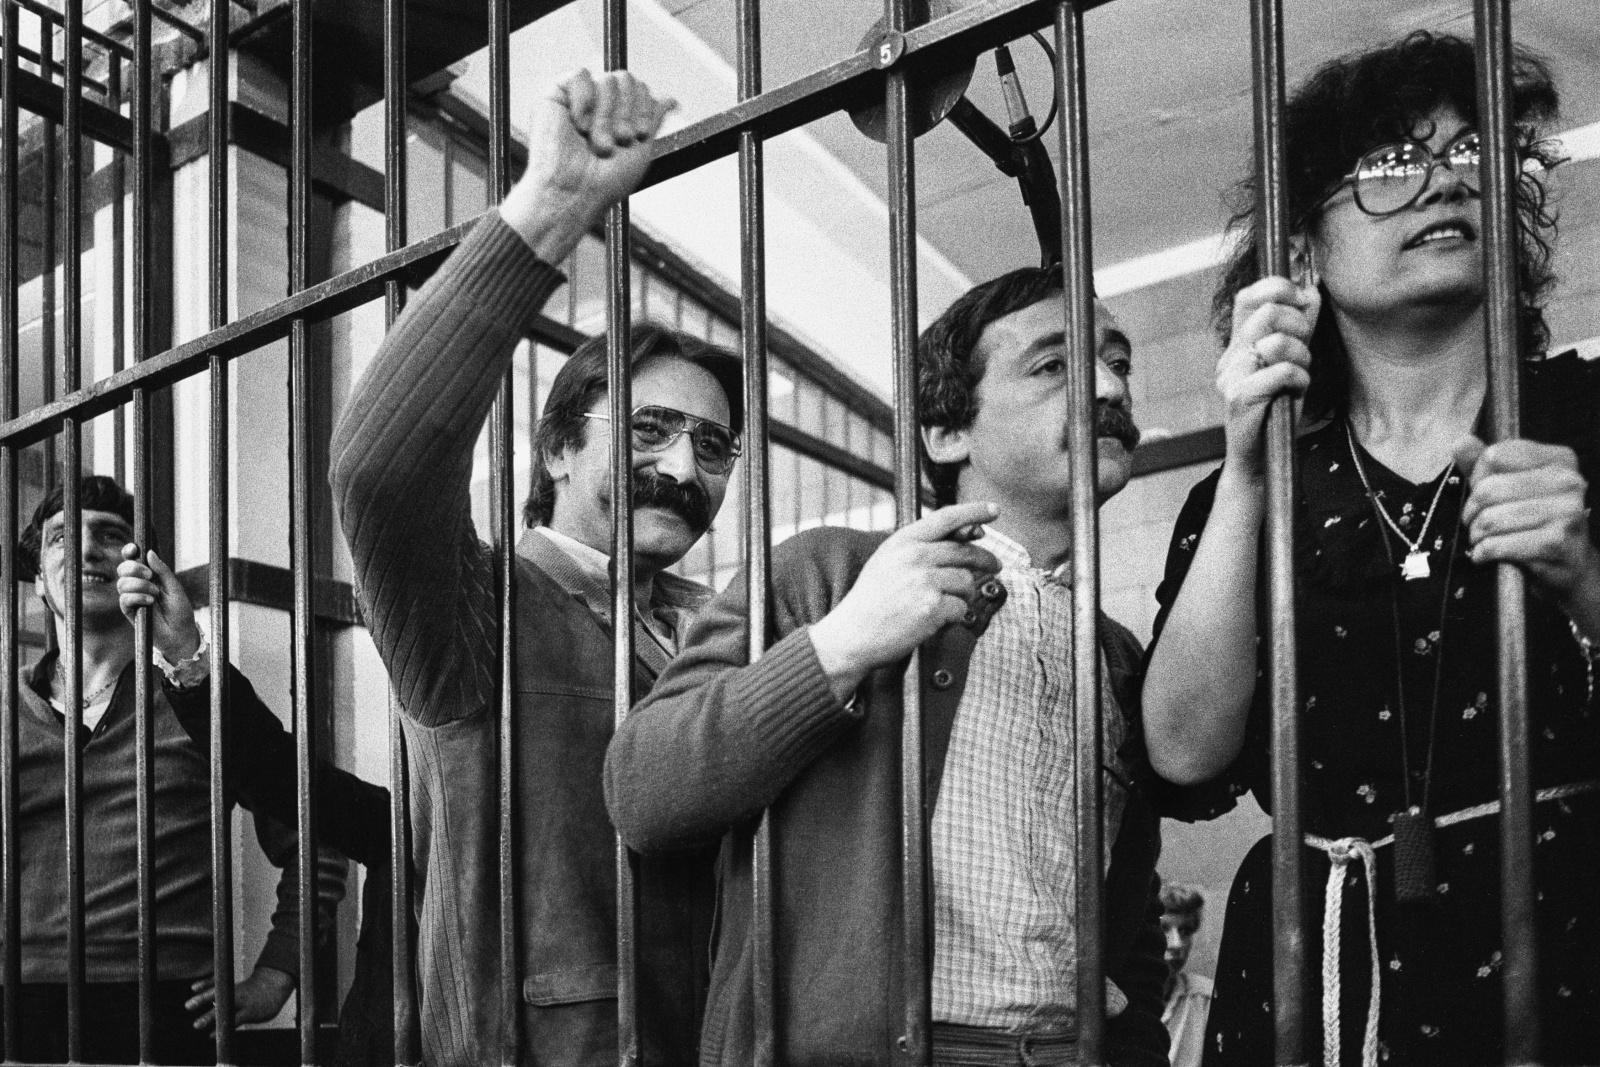 Raffaele Fiori, Prospero Gallinari, Mario Moretti al processo del 1983 nel bunker del carcere le Vallette di Torino per i reati terroristici commessi dal 1973 al 1980